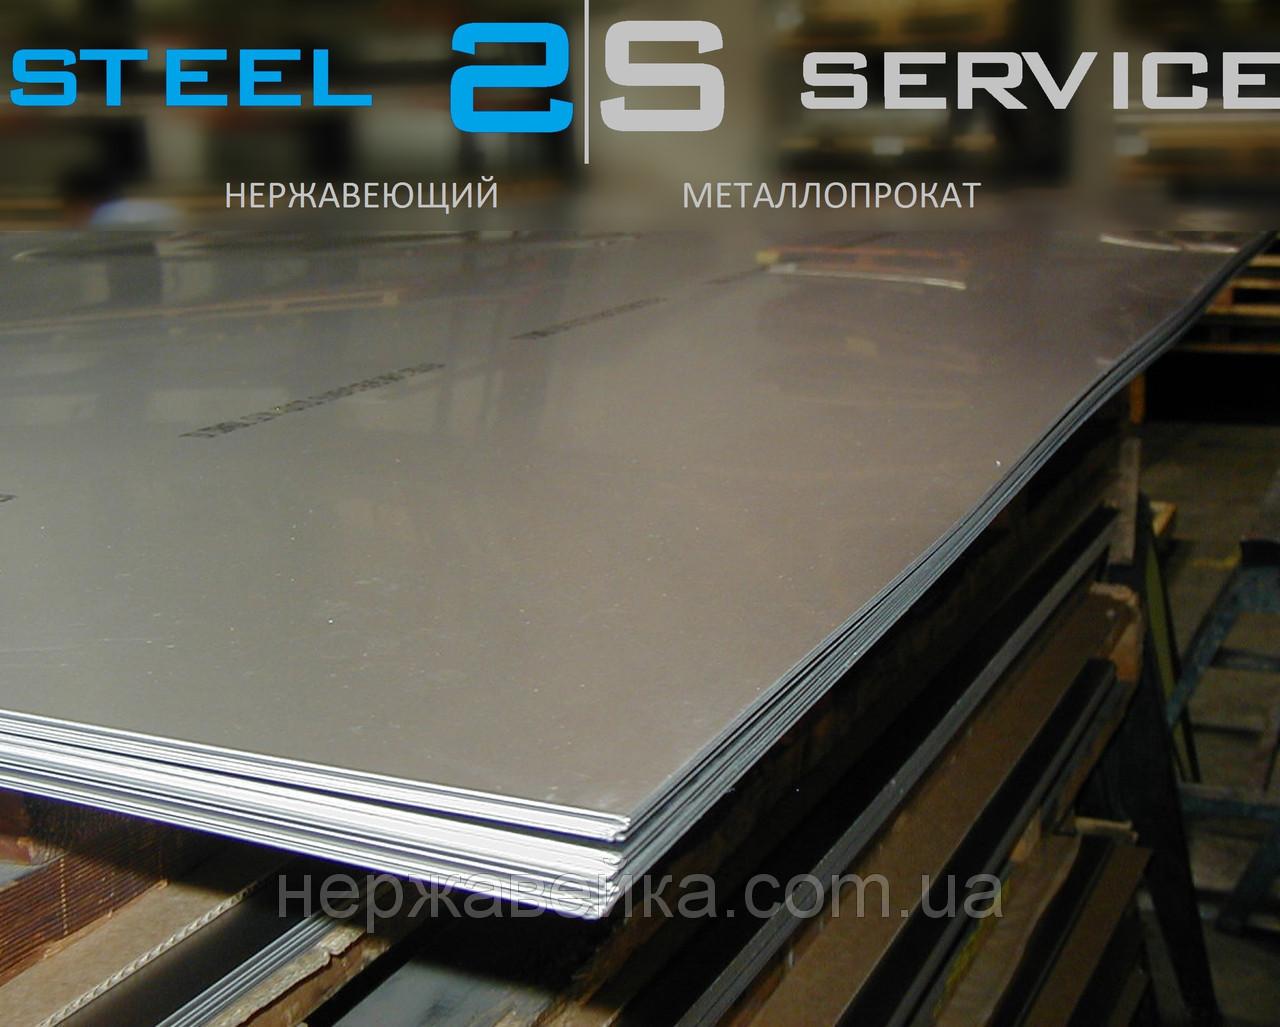 Нержавейка лист 0,5х1250х2500мм AISI 316L(03Х17Н14М3) 4N - шлифованный,  кислотостойкий